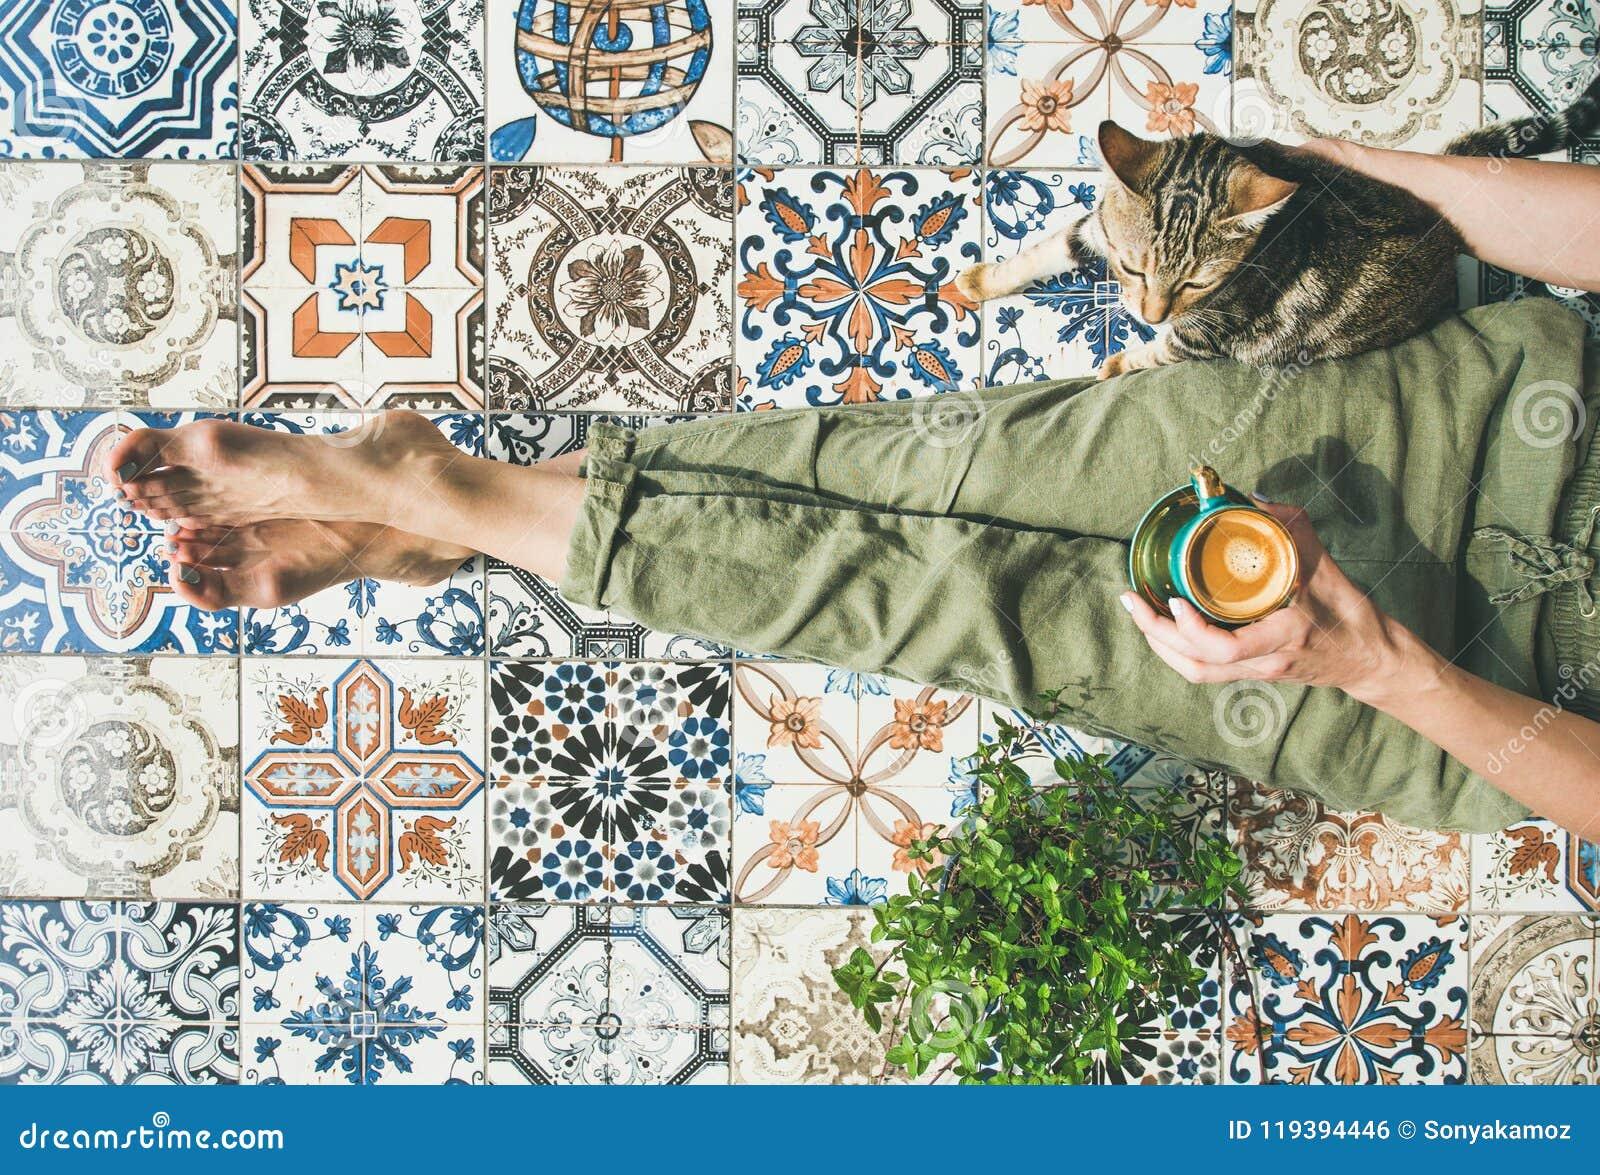 Piastrella con gatto a bordo smerlato con angoli wanli